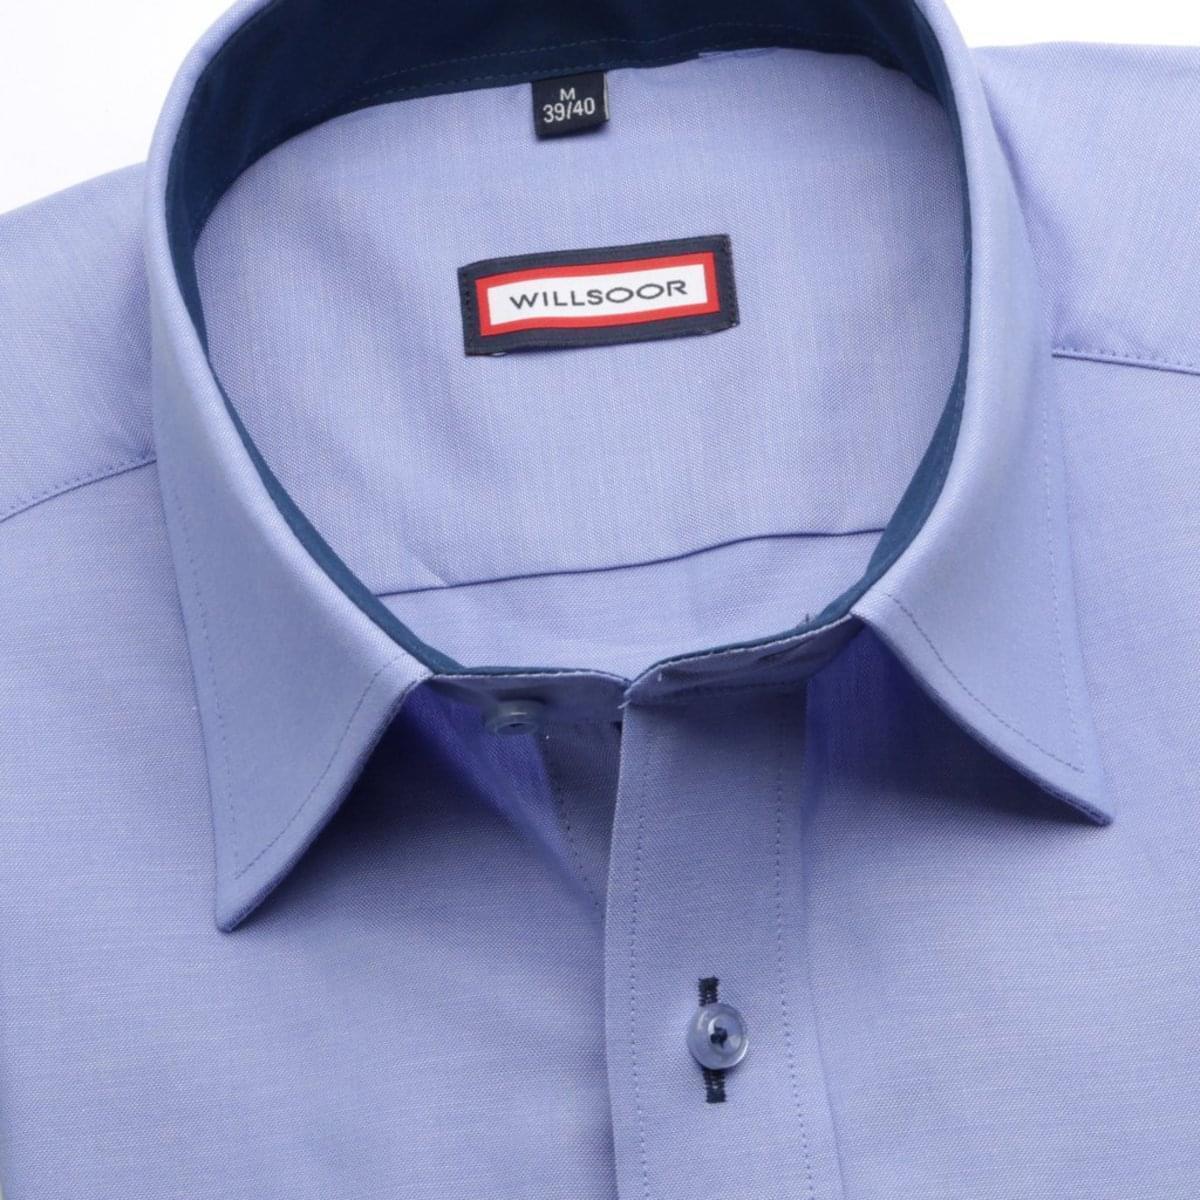 Pánská klasická košile (výška 176-182) 6592 ve světle modré barvě 164-170 / XL (43/44) 176-182 / XL (43/44)